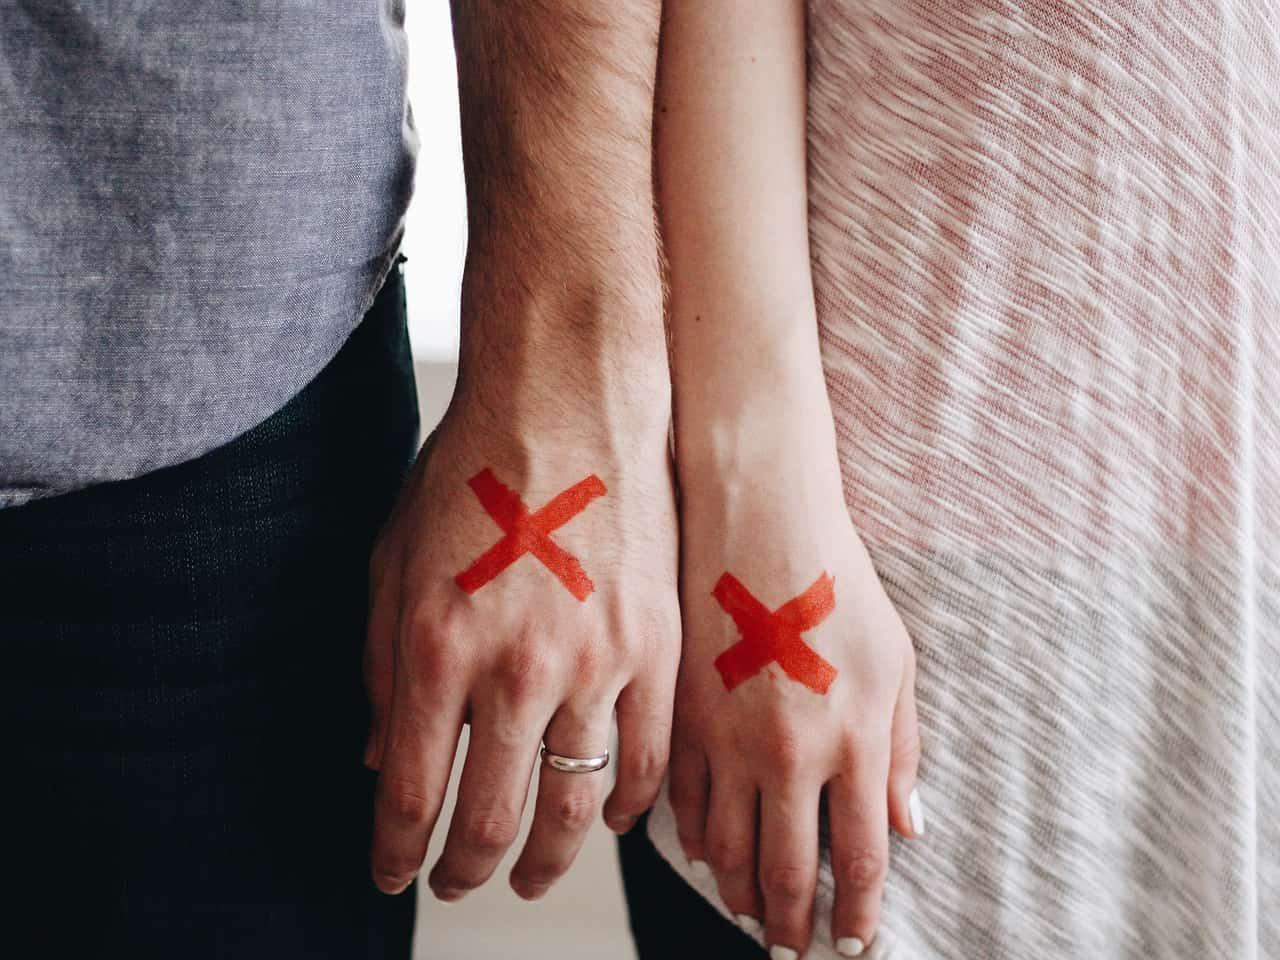 תצהיר ידוע בציבור – למה צריך נוטריון